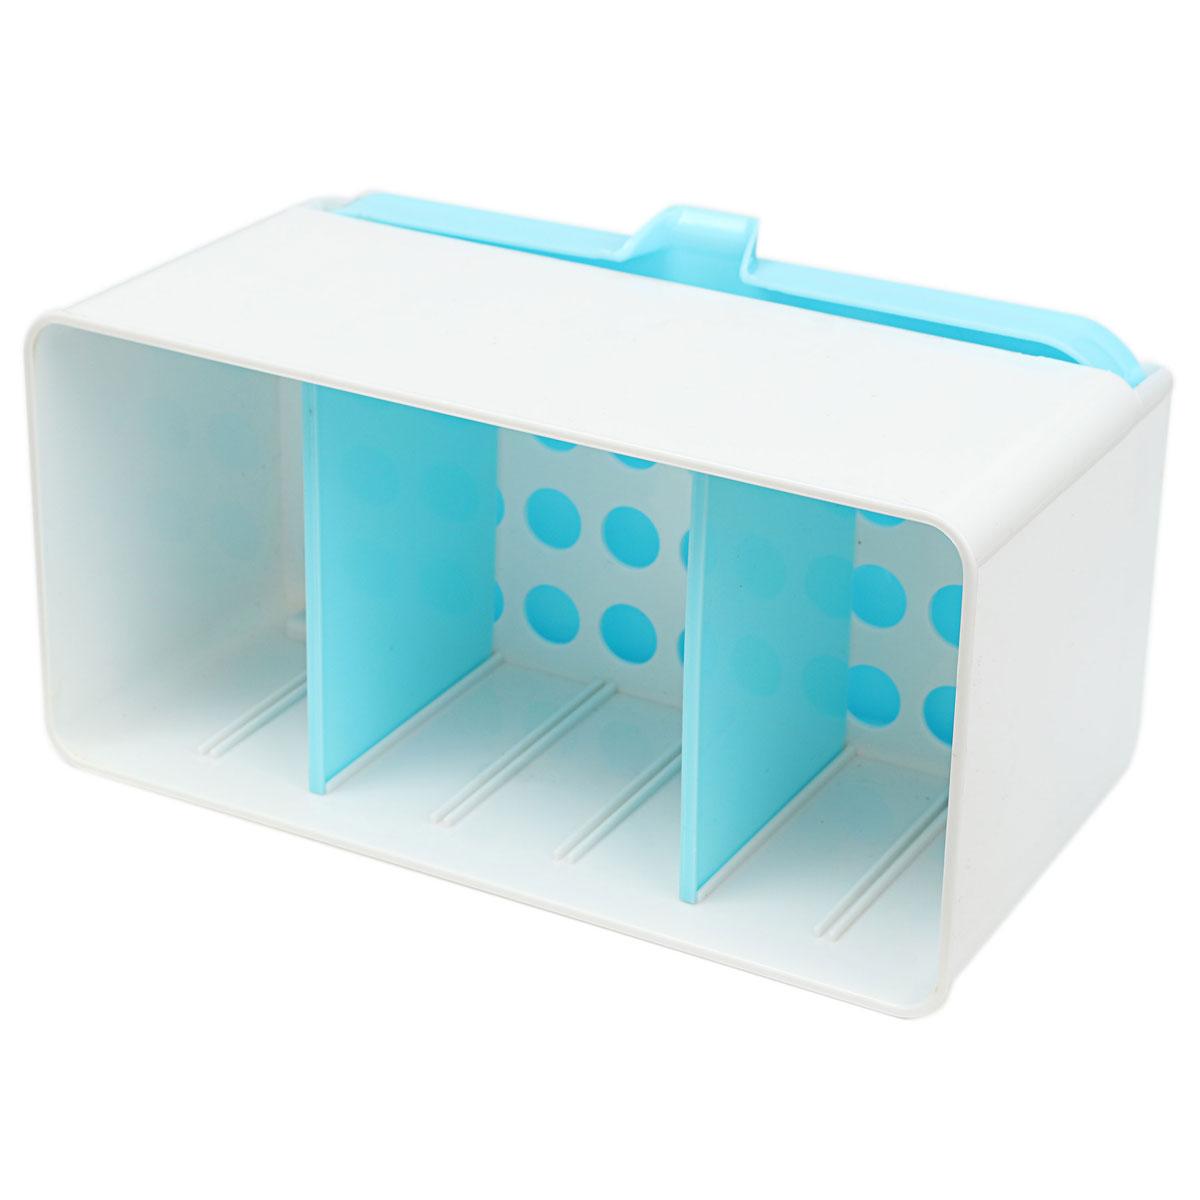 Wash Dry Shelf Drainer Sink Tidy Organiser Utensils Kitchen Storage ...